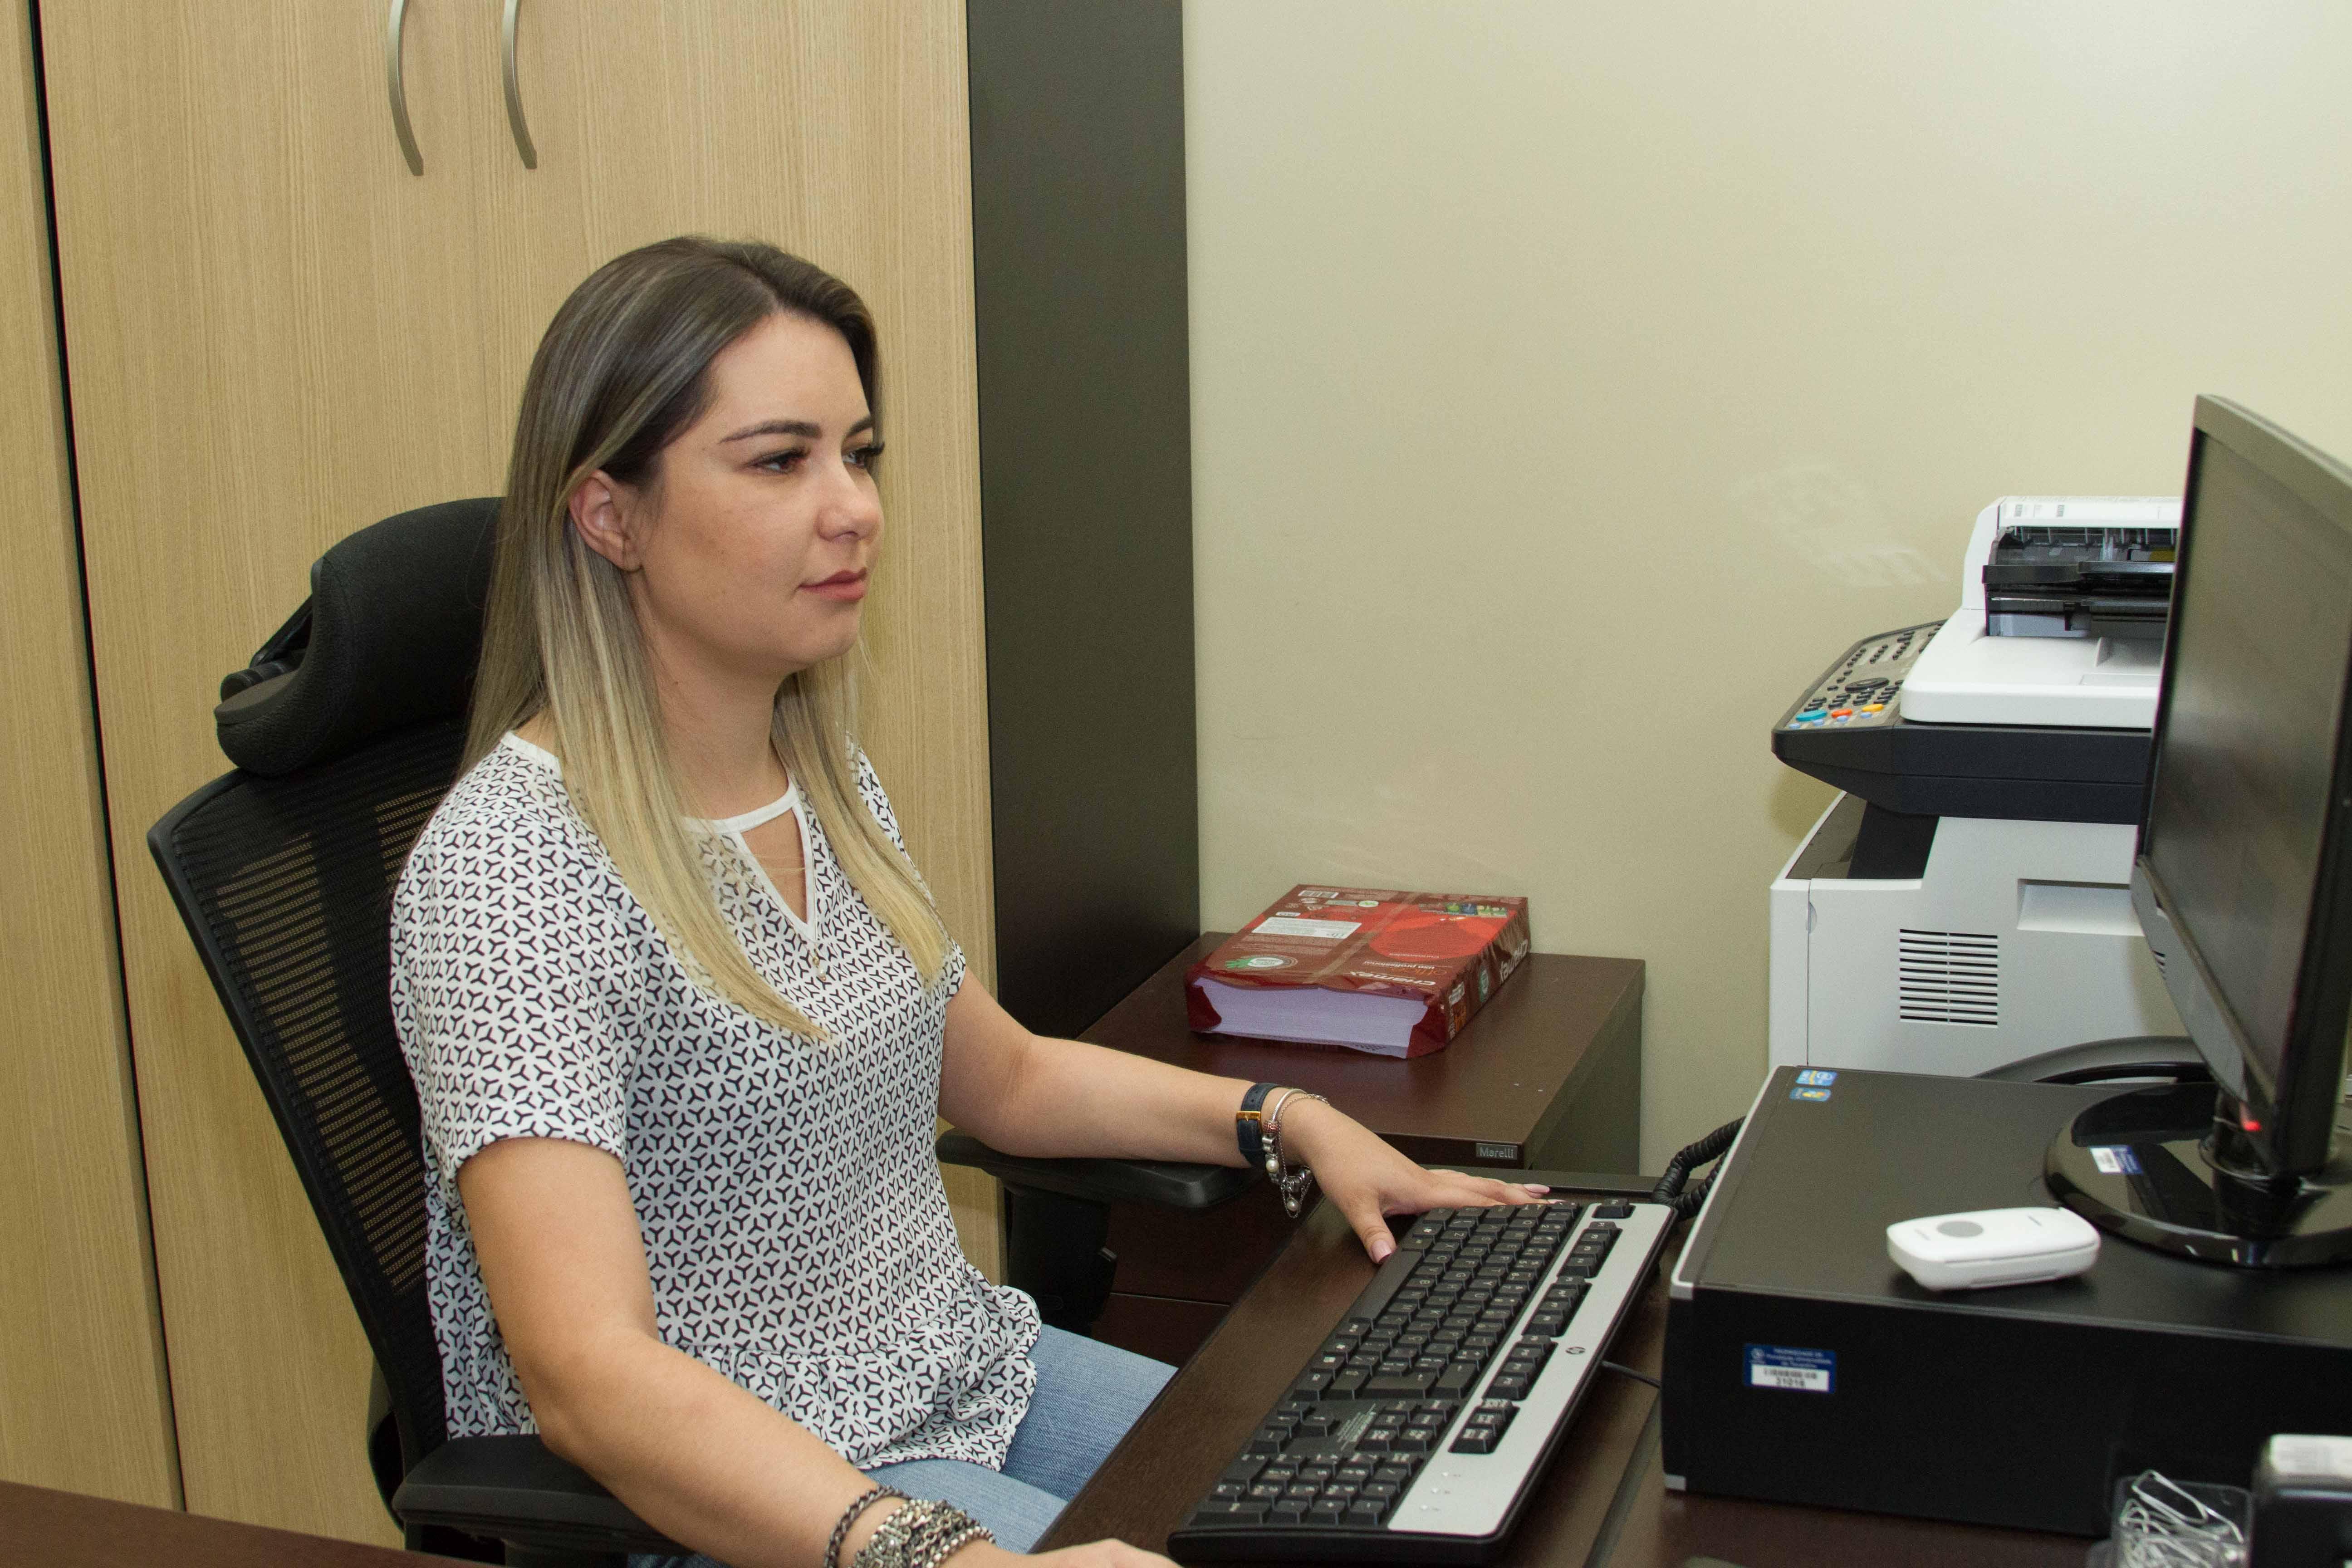 Pró-reitora de Pesquisa e Pós-Graduação Dra. Ana Flávia informa que workshop da Unitins acontece em novembro